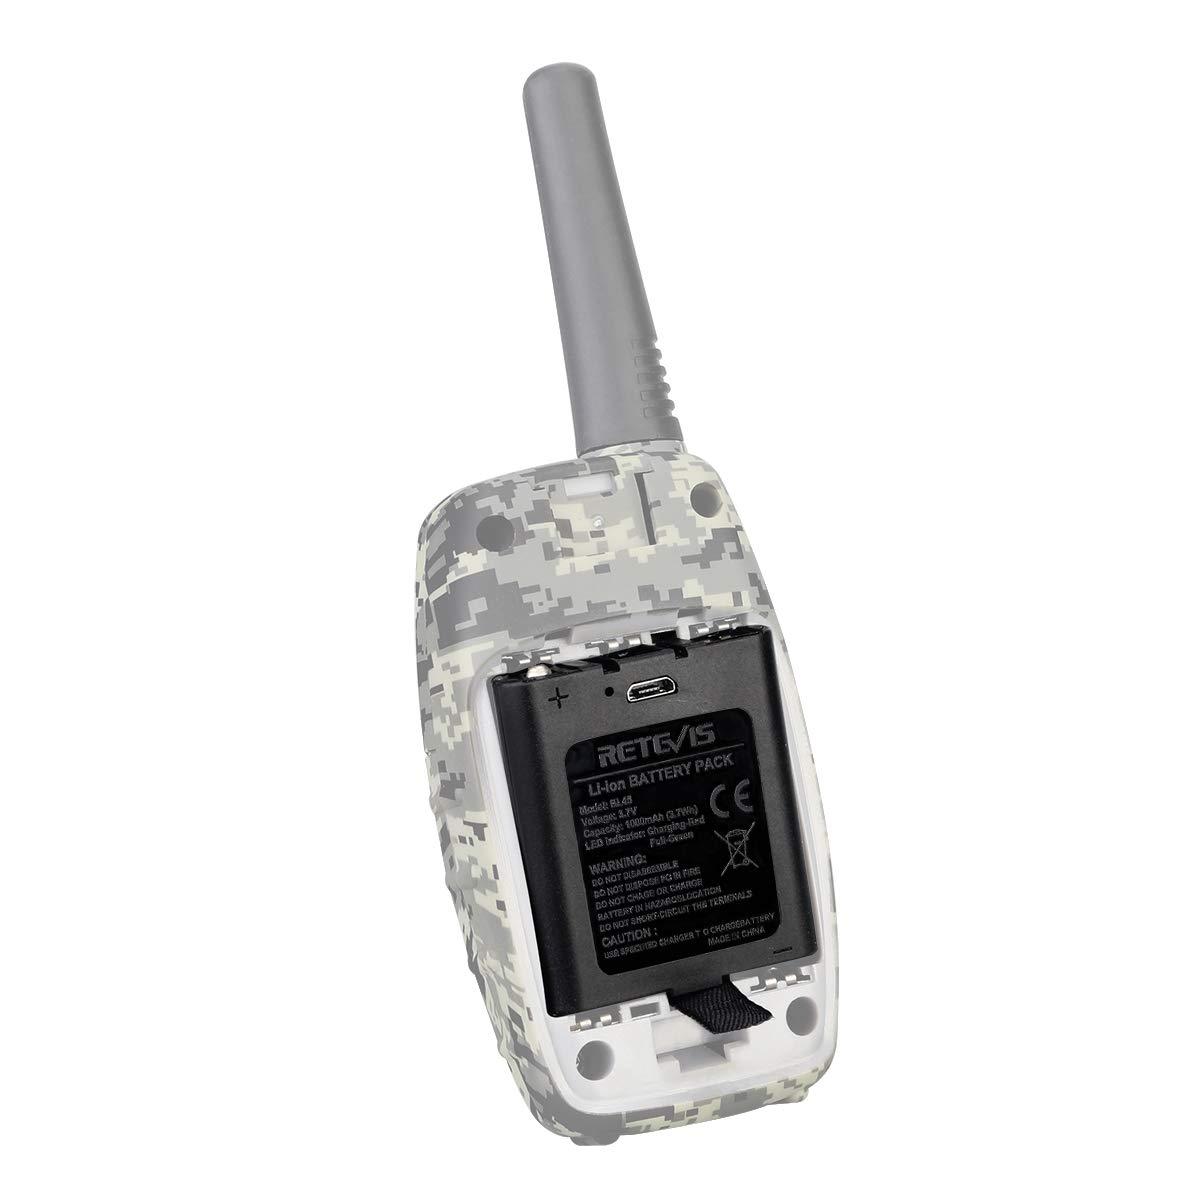 2 Piezas Retevis BL45 Walkie Talkie Bater/ía Paquete de Bater/ías Recargables de Iones de Litio de 3.7V 1000mAh Compatible con Retevis RT628 RT45 RT46 Walkie Talkies